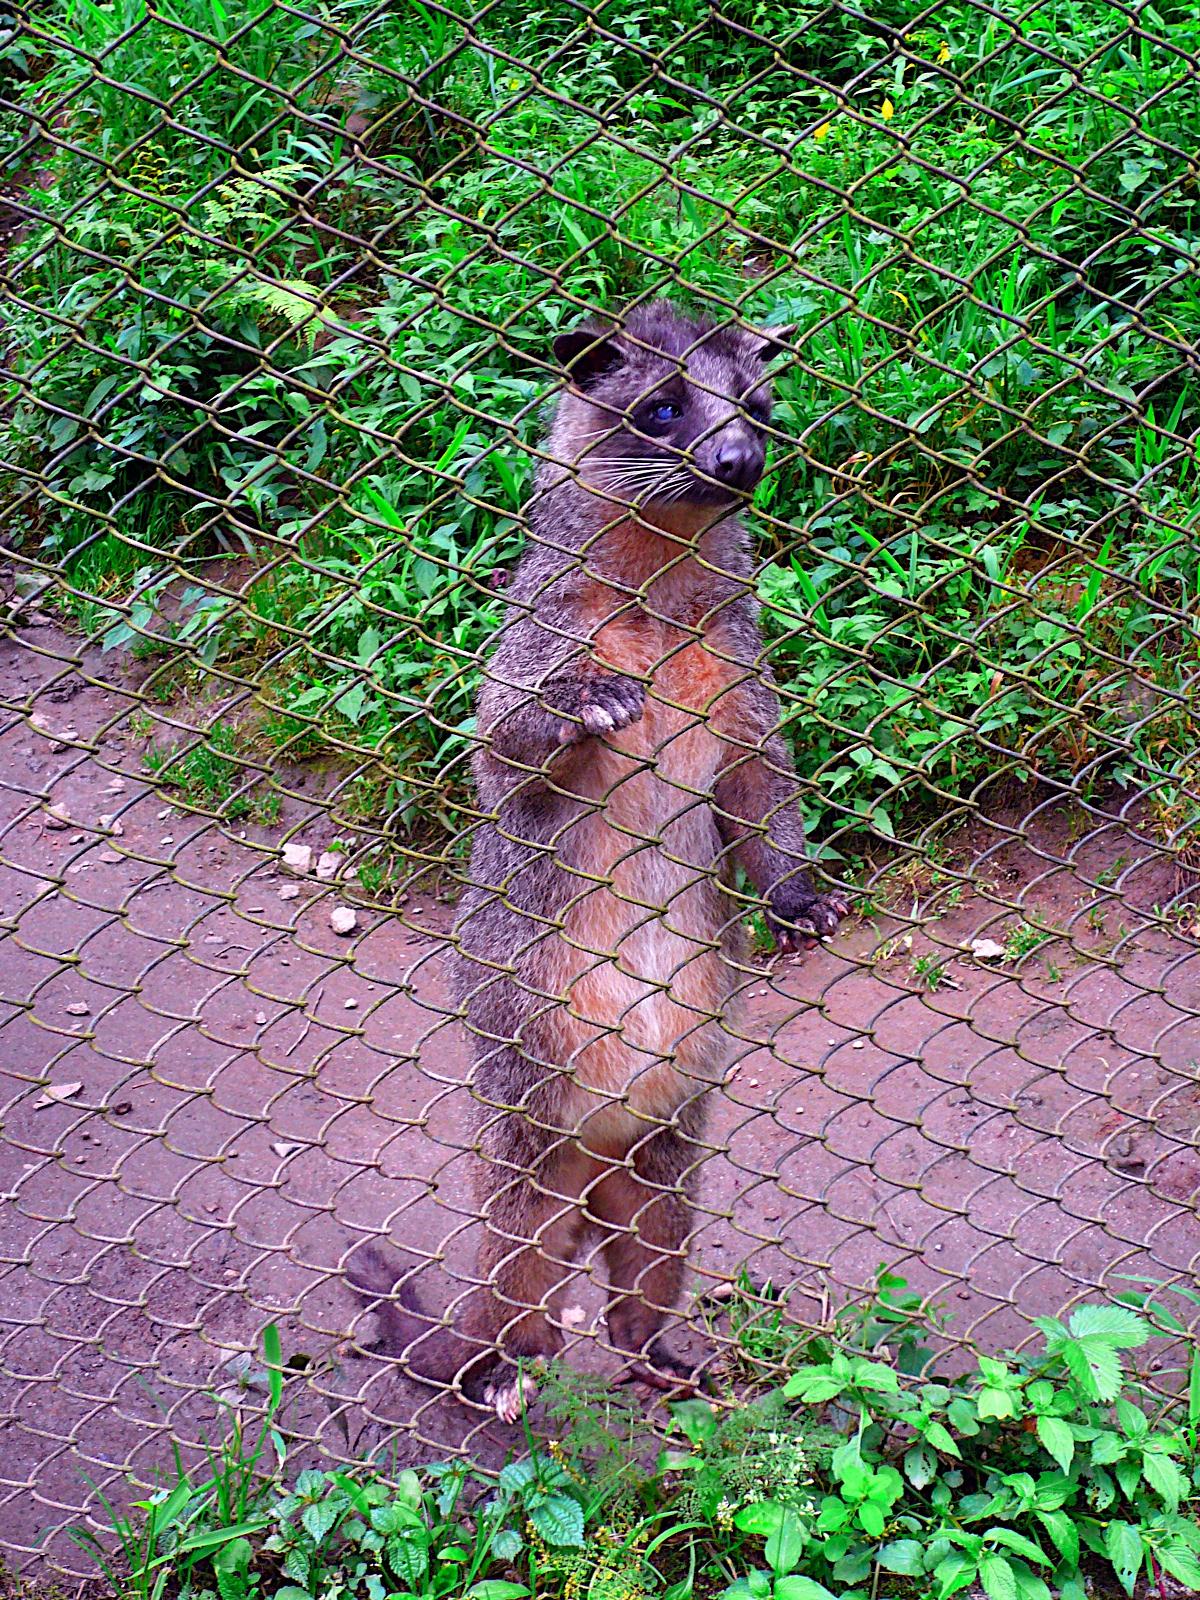 SIKKIM TRIP 2008: 17 May 2008. Himalayan Zoo, Gangtok